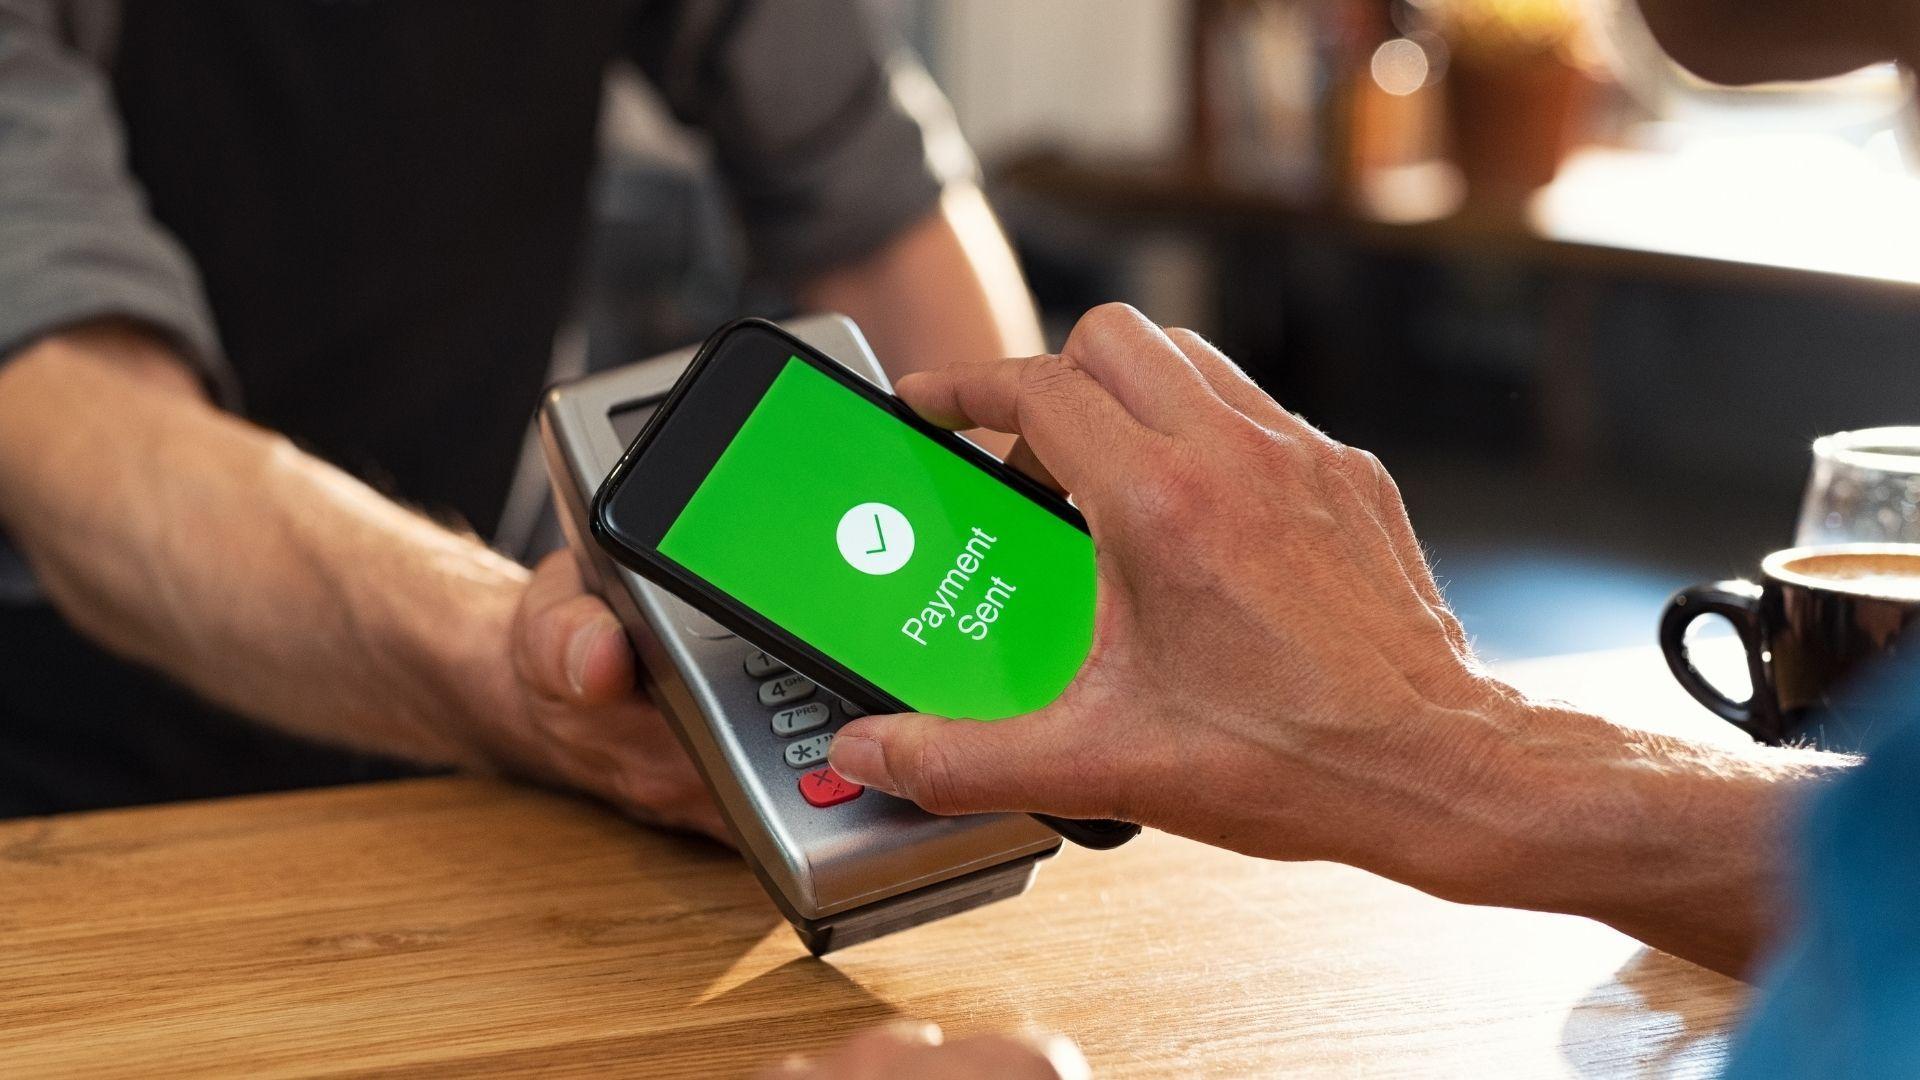 NFC permite pagamento por aproximação (Foto: Shutterstock)